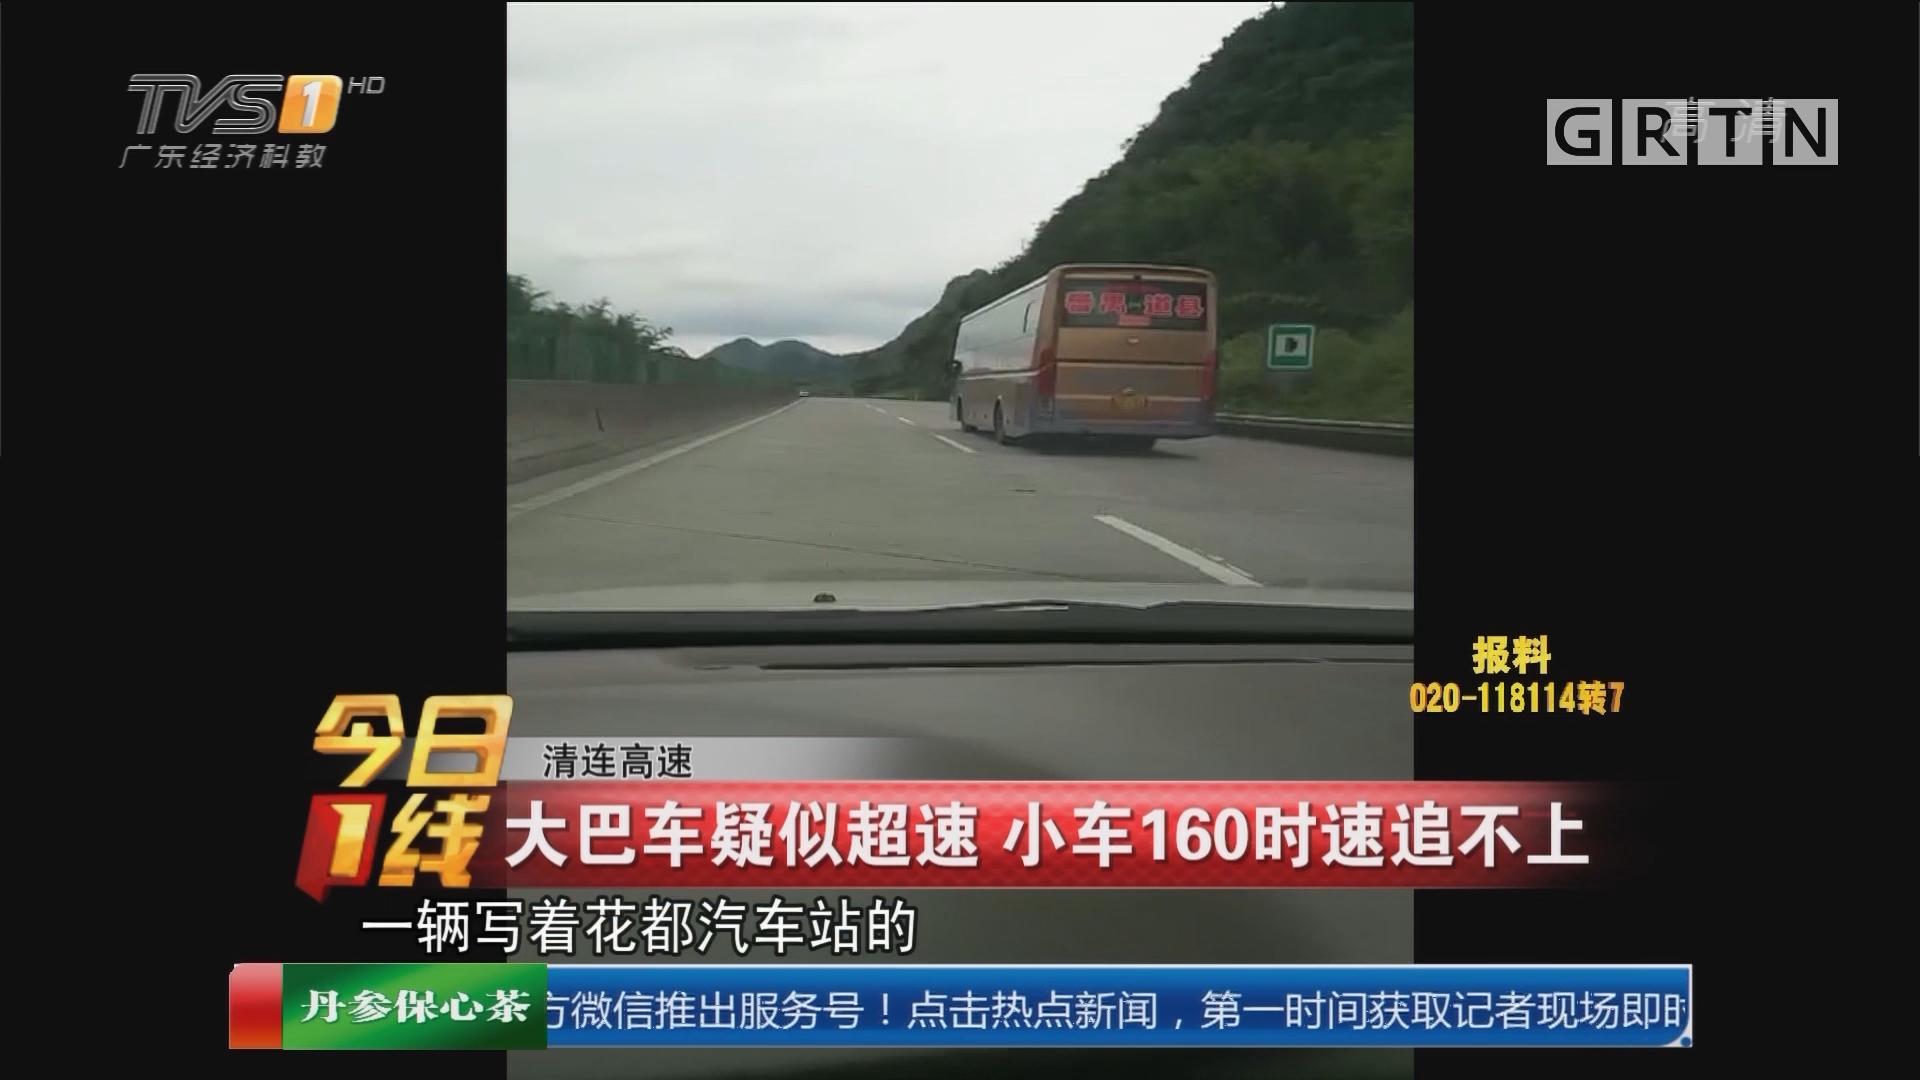 清连高速:大巴车疑似超速 小车160时速追不上